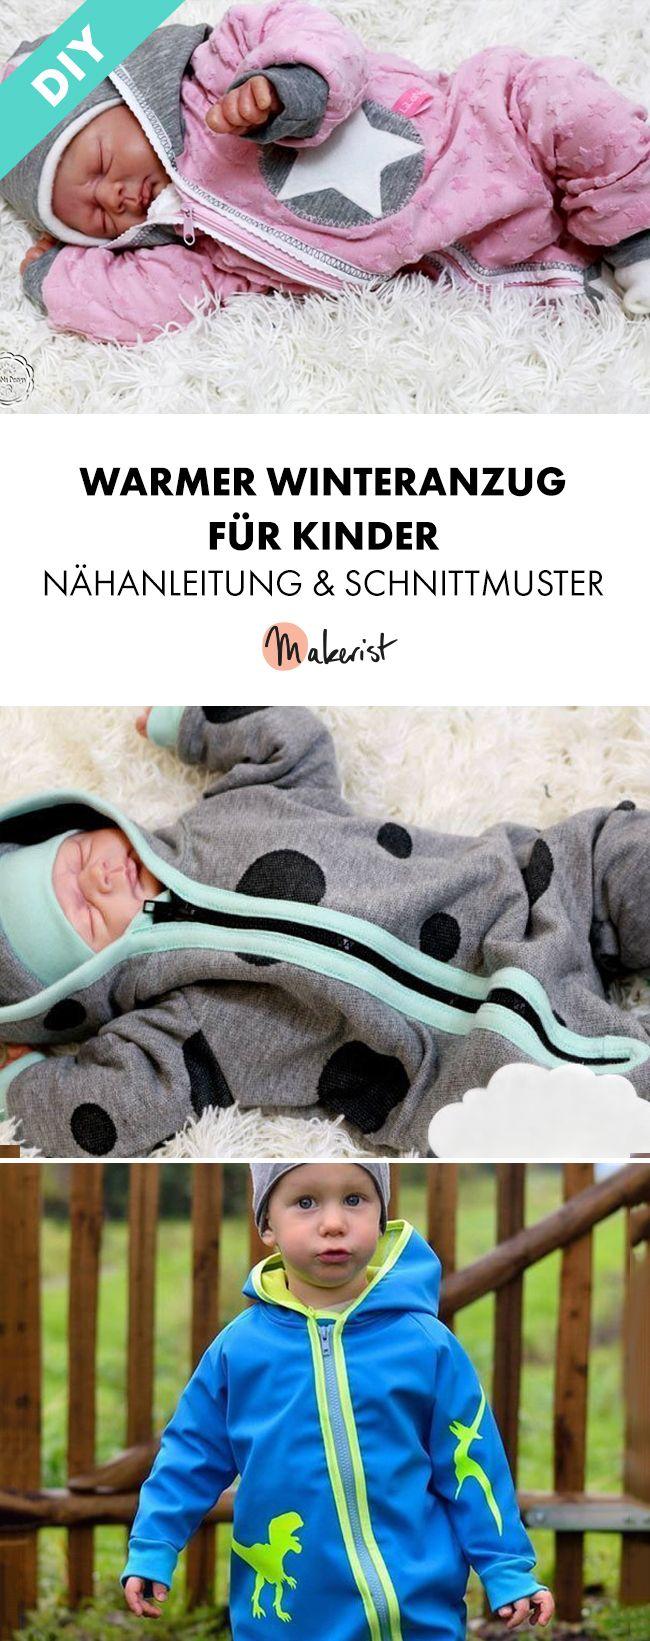 Winteranzug mit Kapuze für Babys und Kleinkinder - Nähanleitung und Schnittmuster via Makerist.de